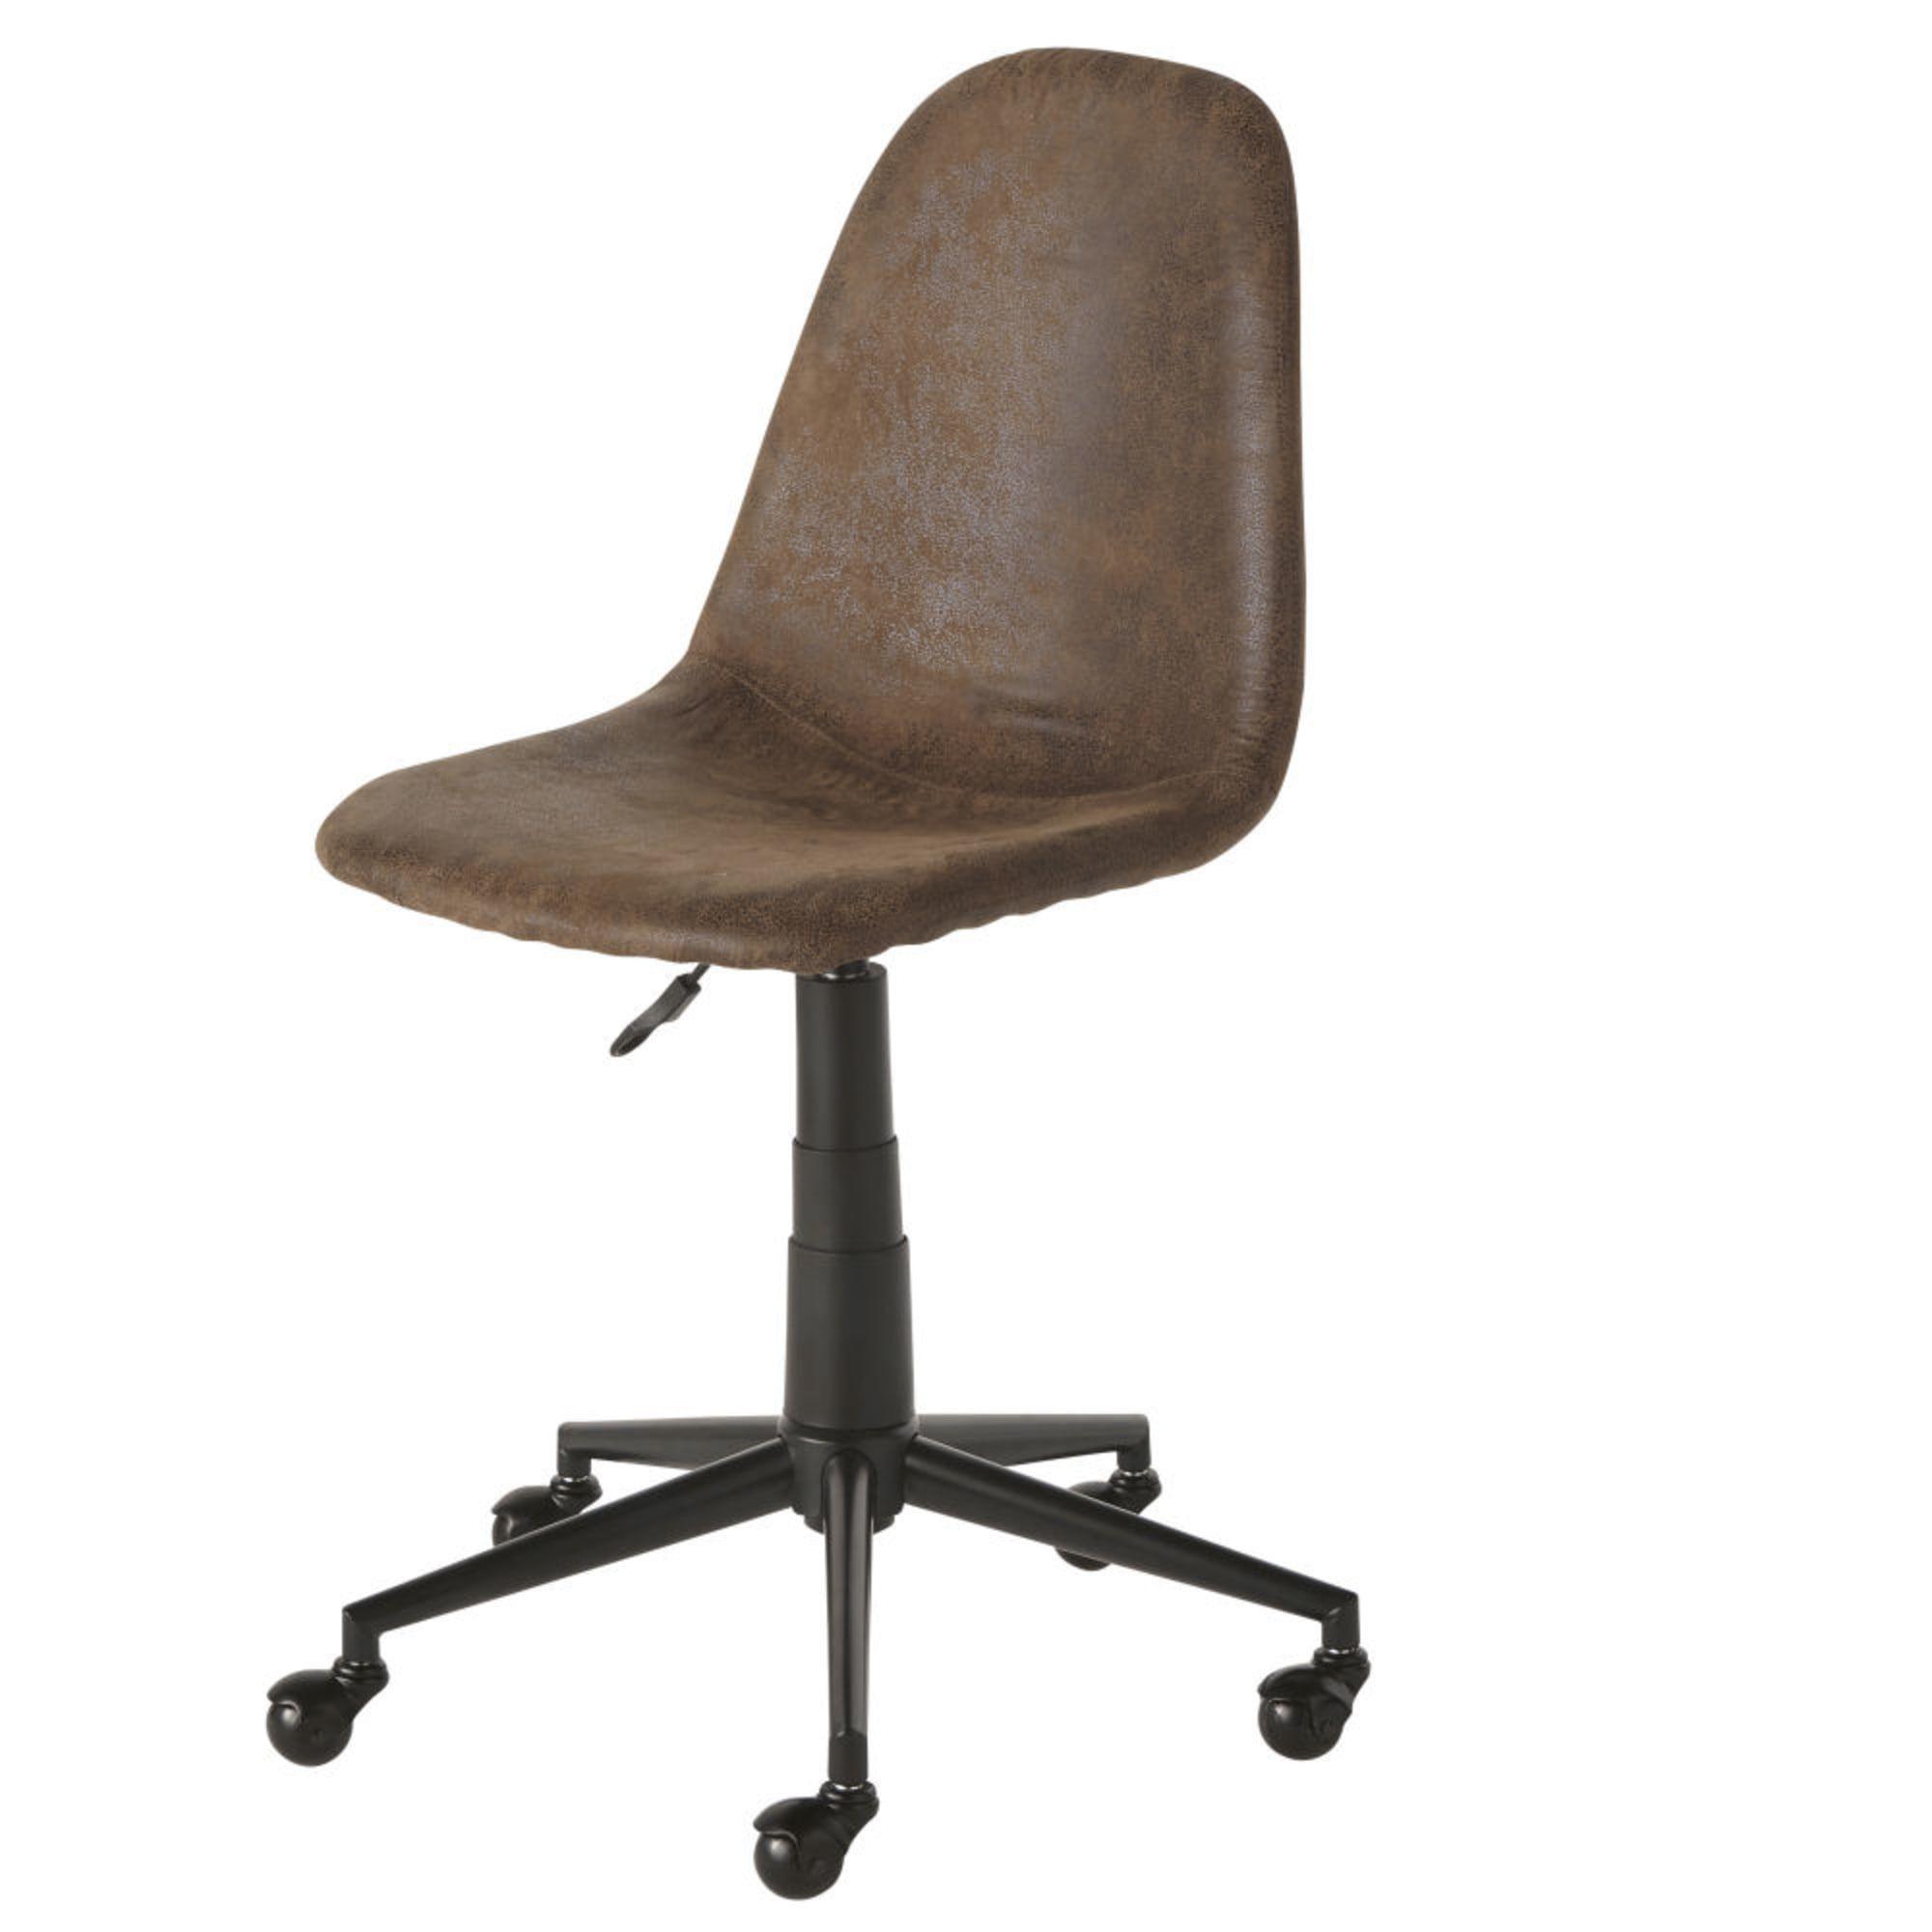 Chaise De Bureau Reglable A Roulettes En Suedine Marron Bureau